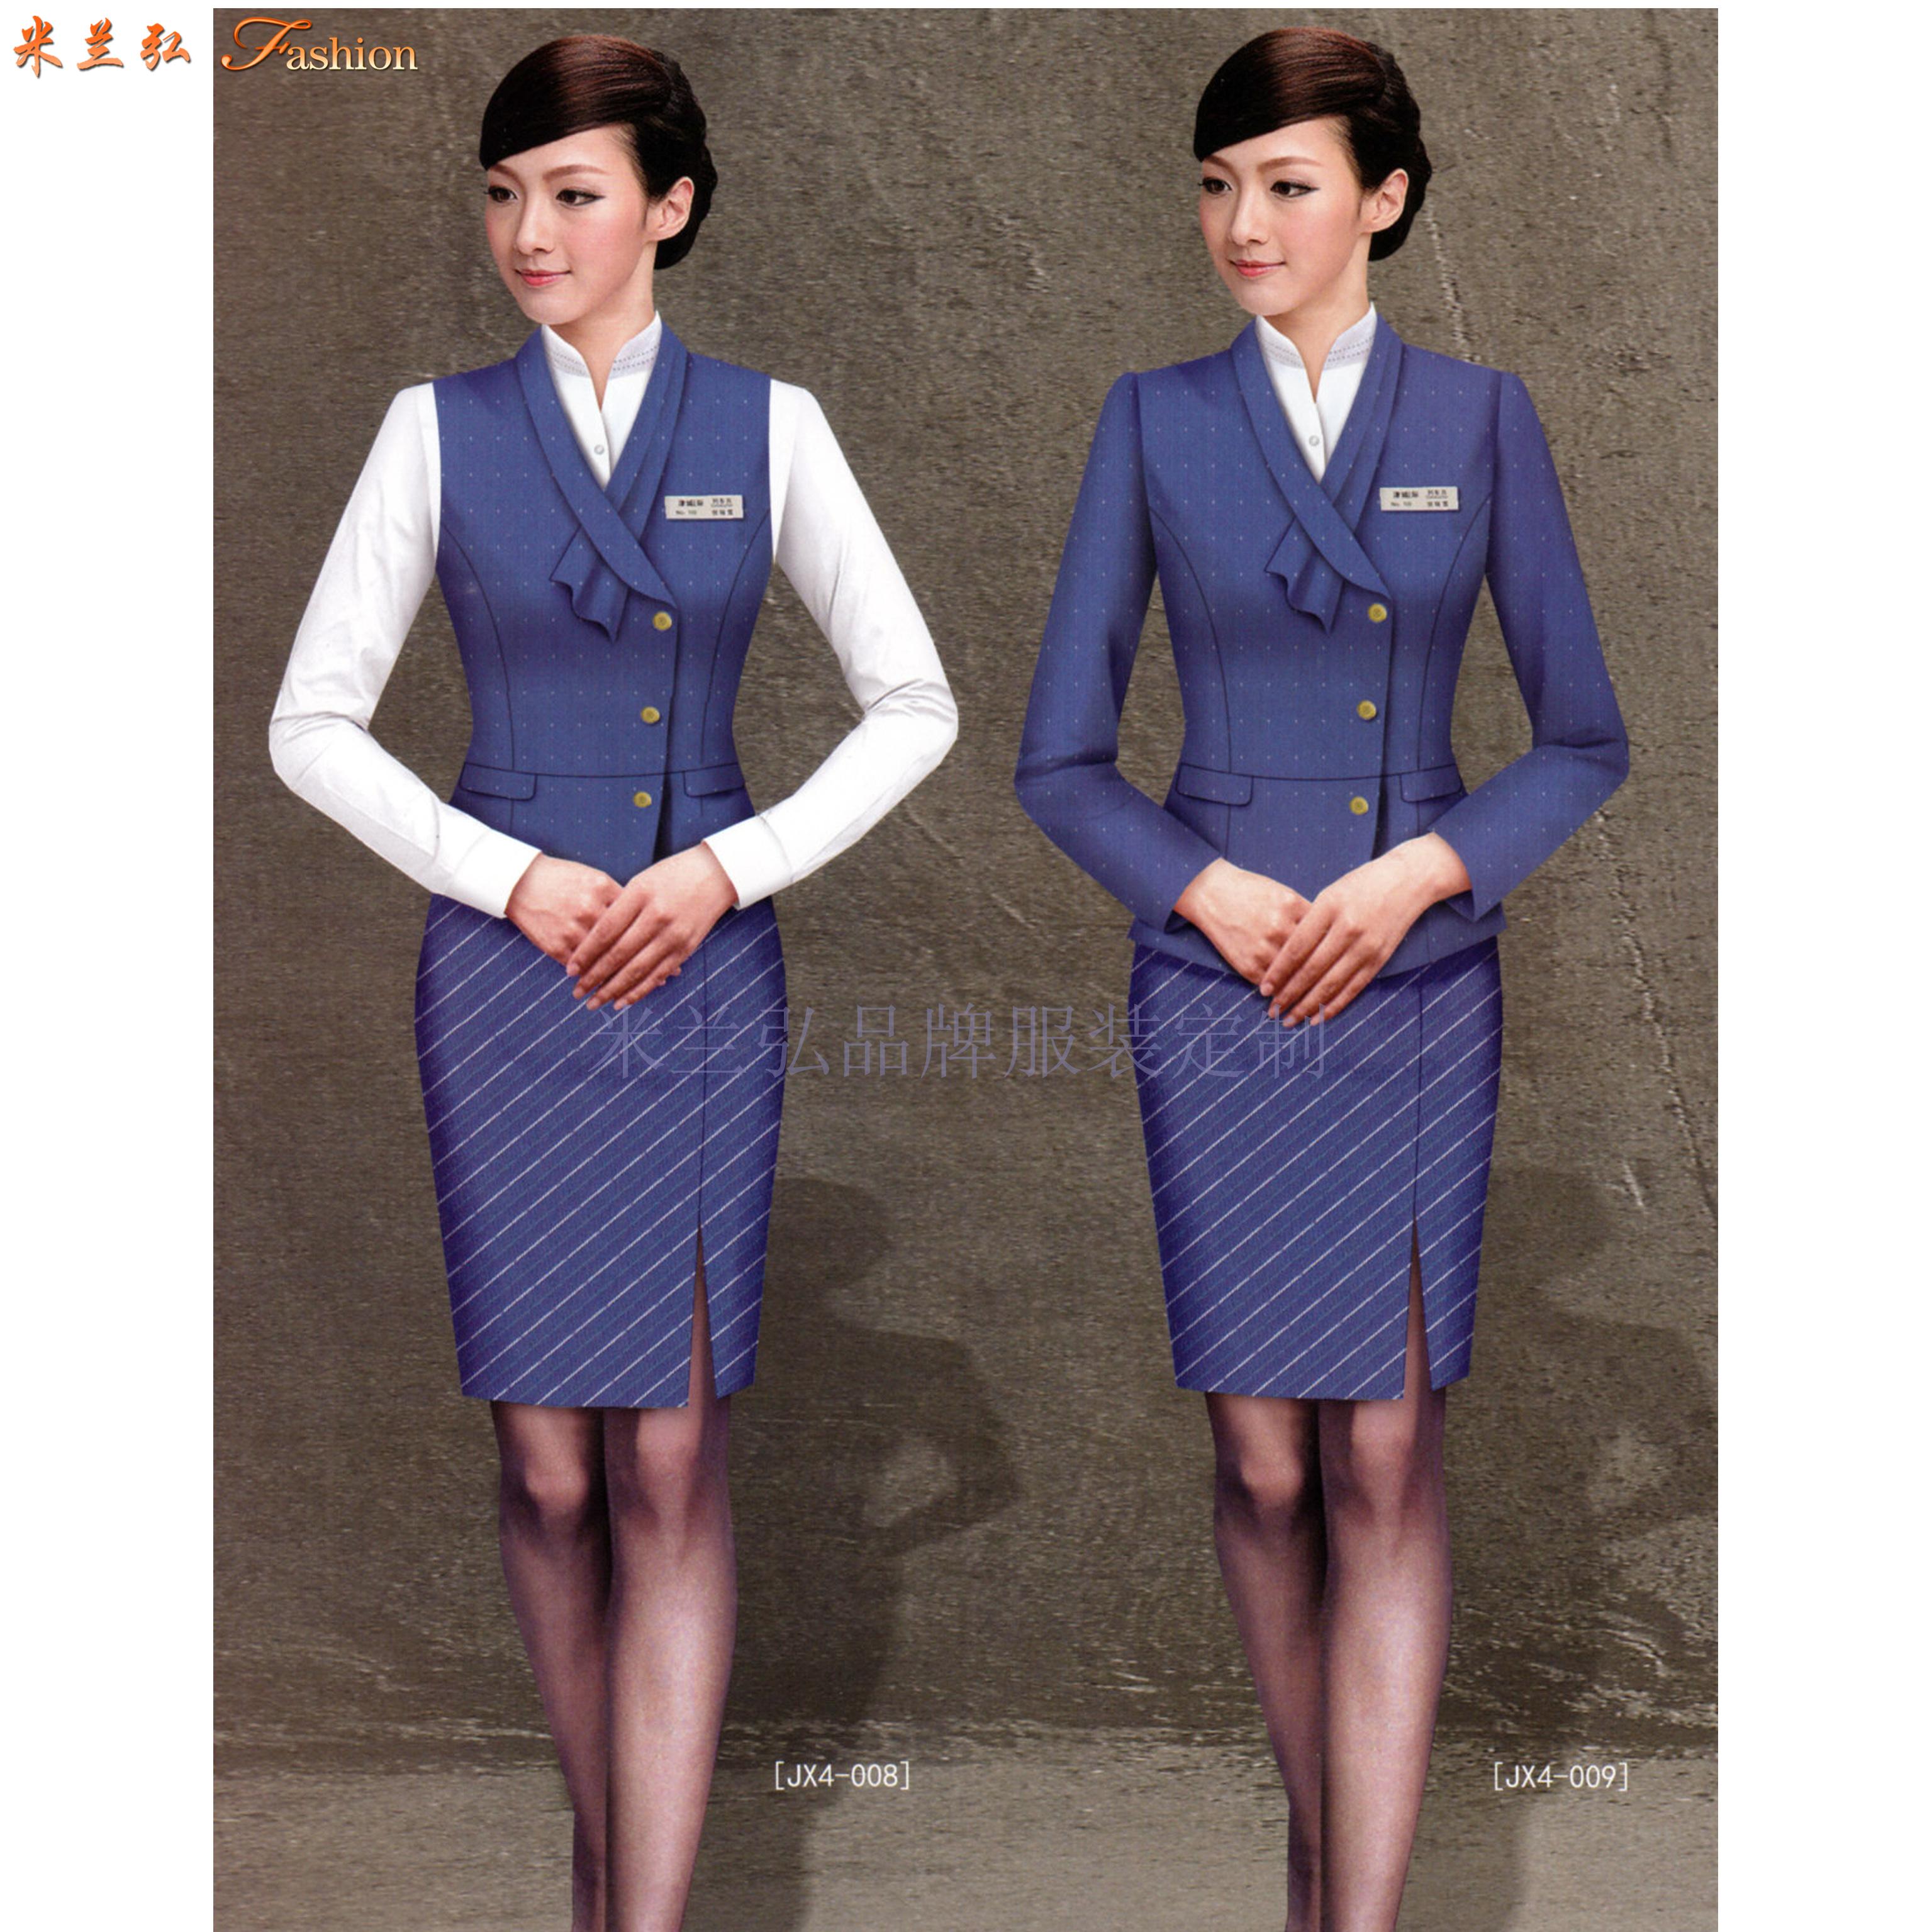 机场工作服-北京大兴国际机场地勤VIP、客服职业装量身定做-1